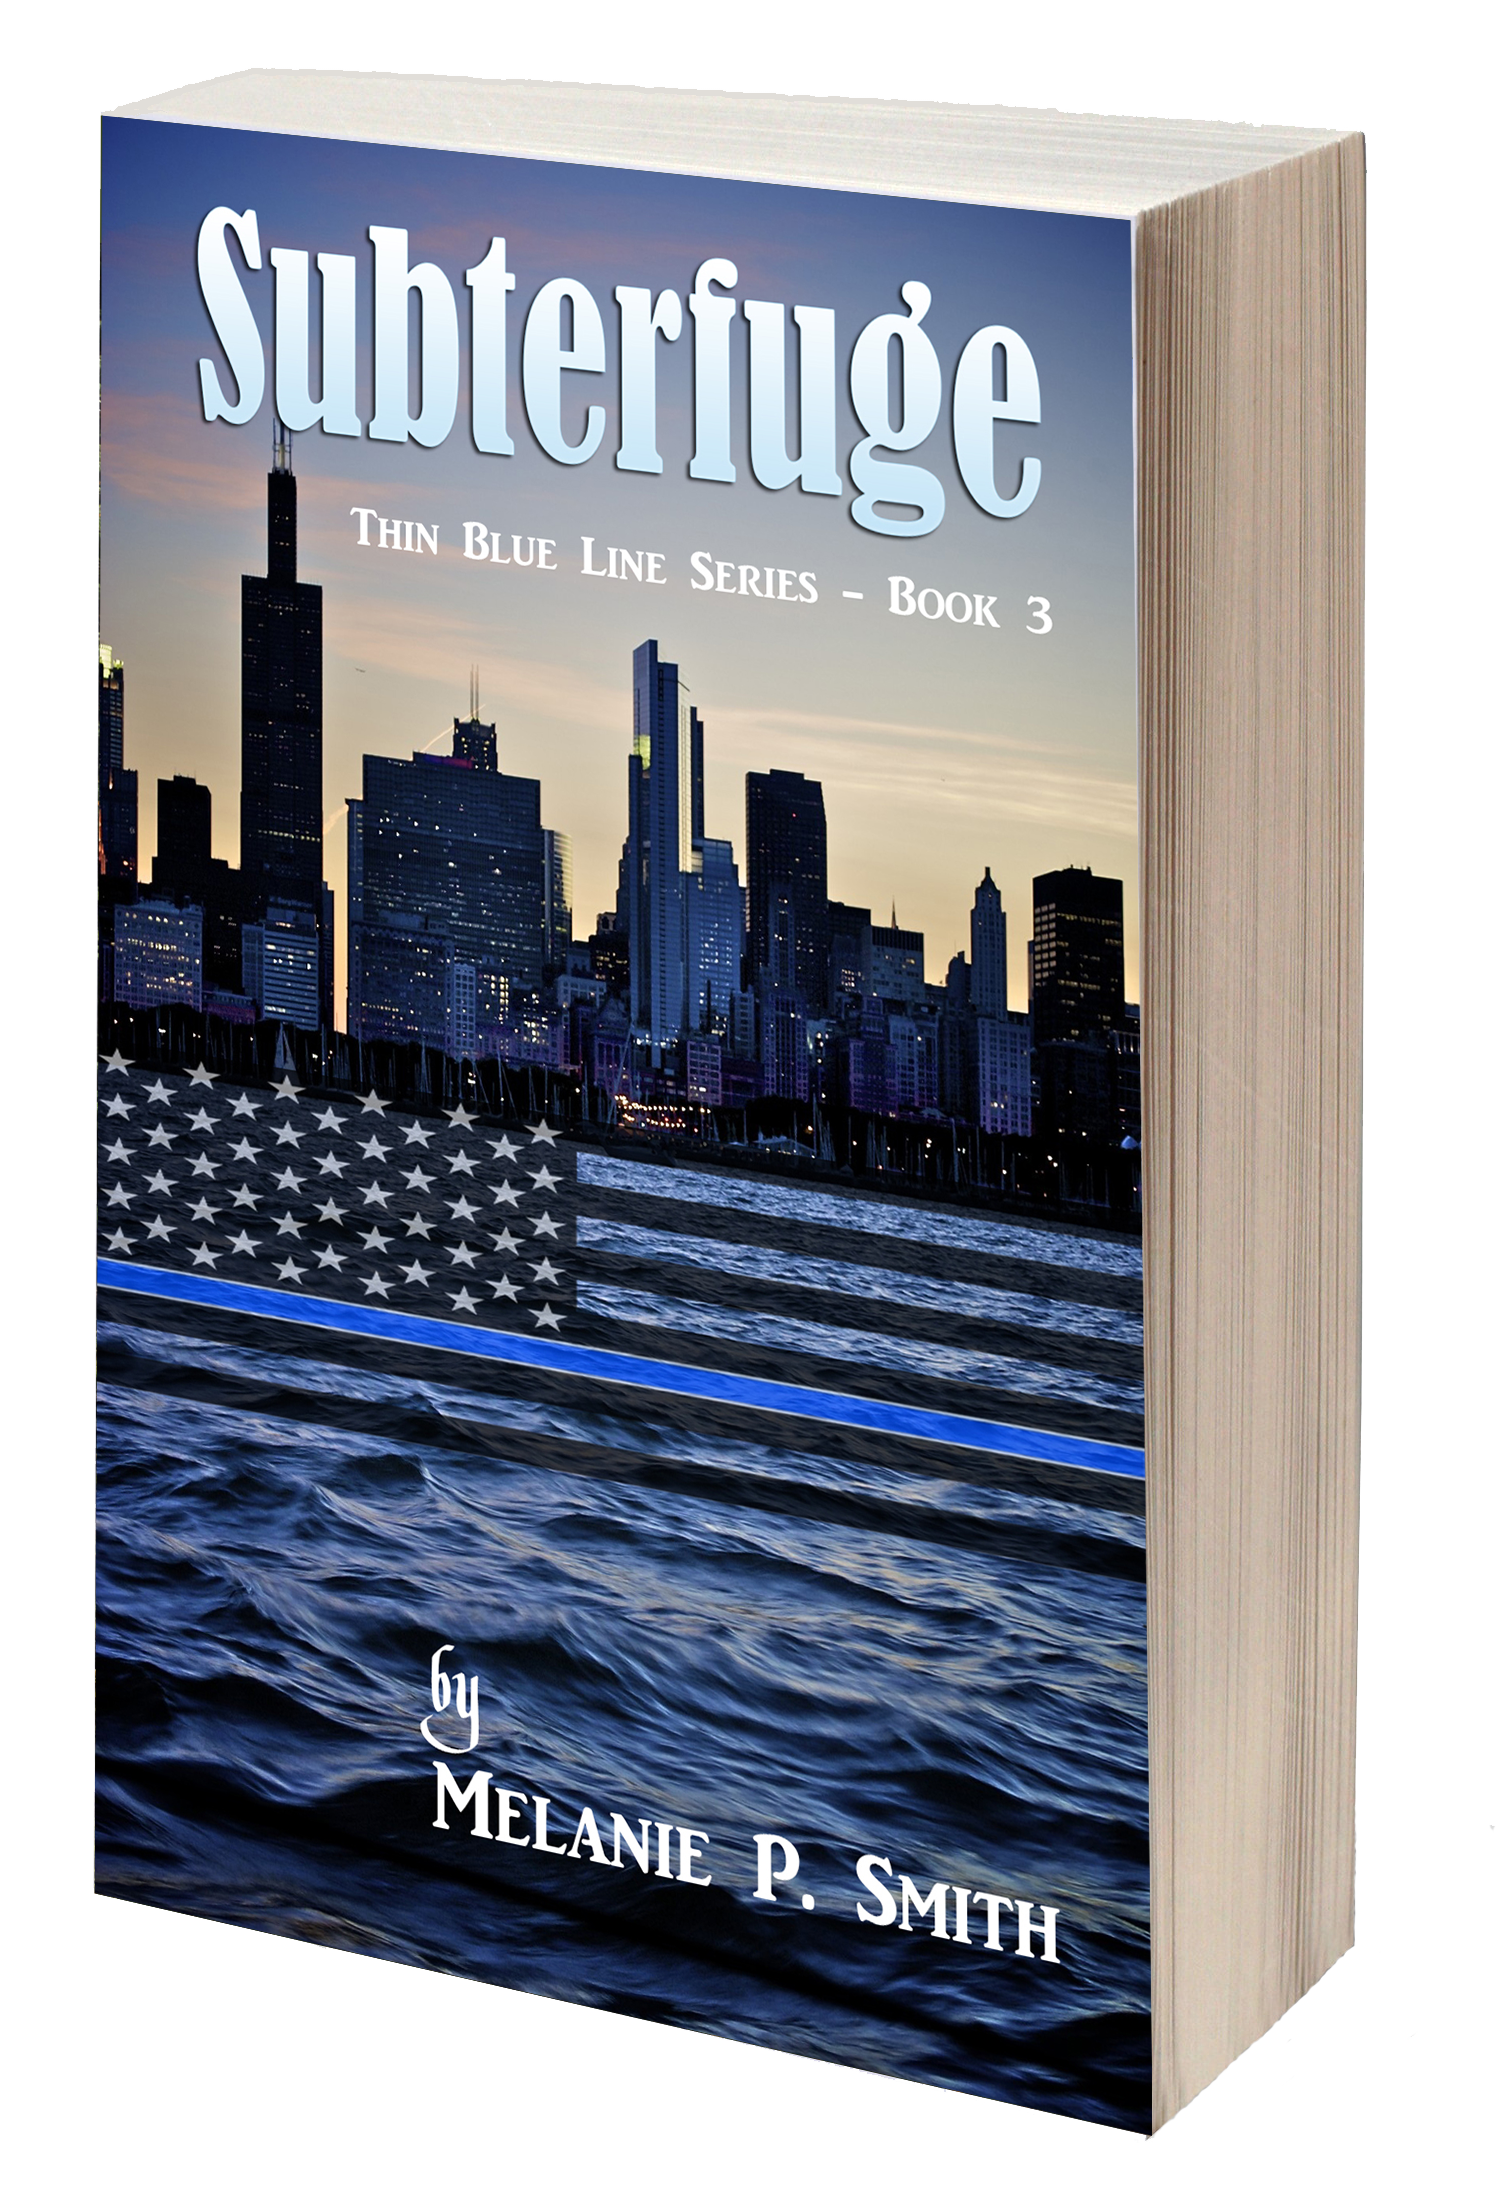 Subterfuge (TBL3)